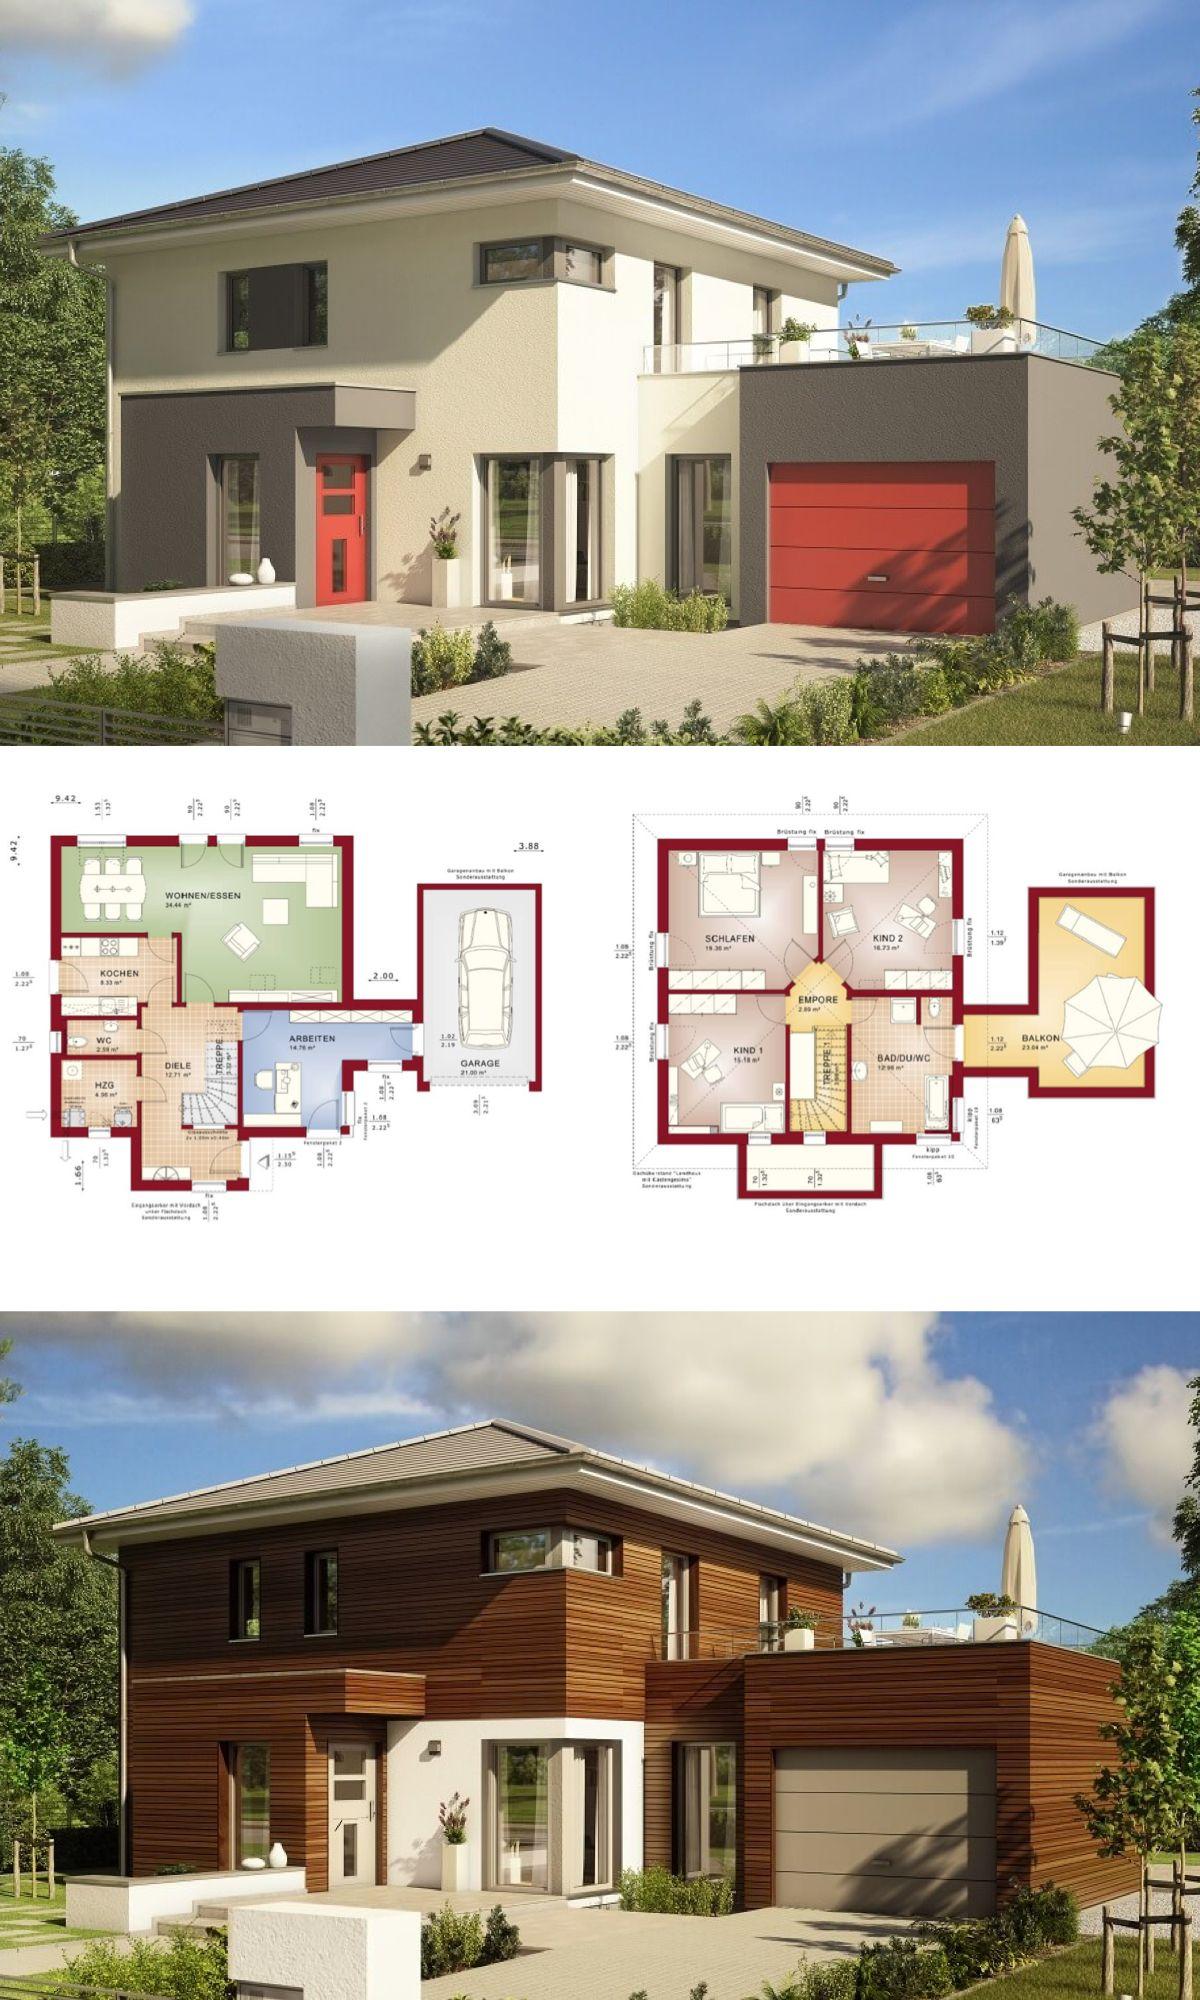 Moderne stadtvilla haus evolution 143 v12 bien zenker for Grundriss modernes einfamilienhaus